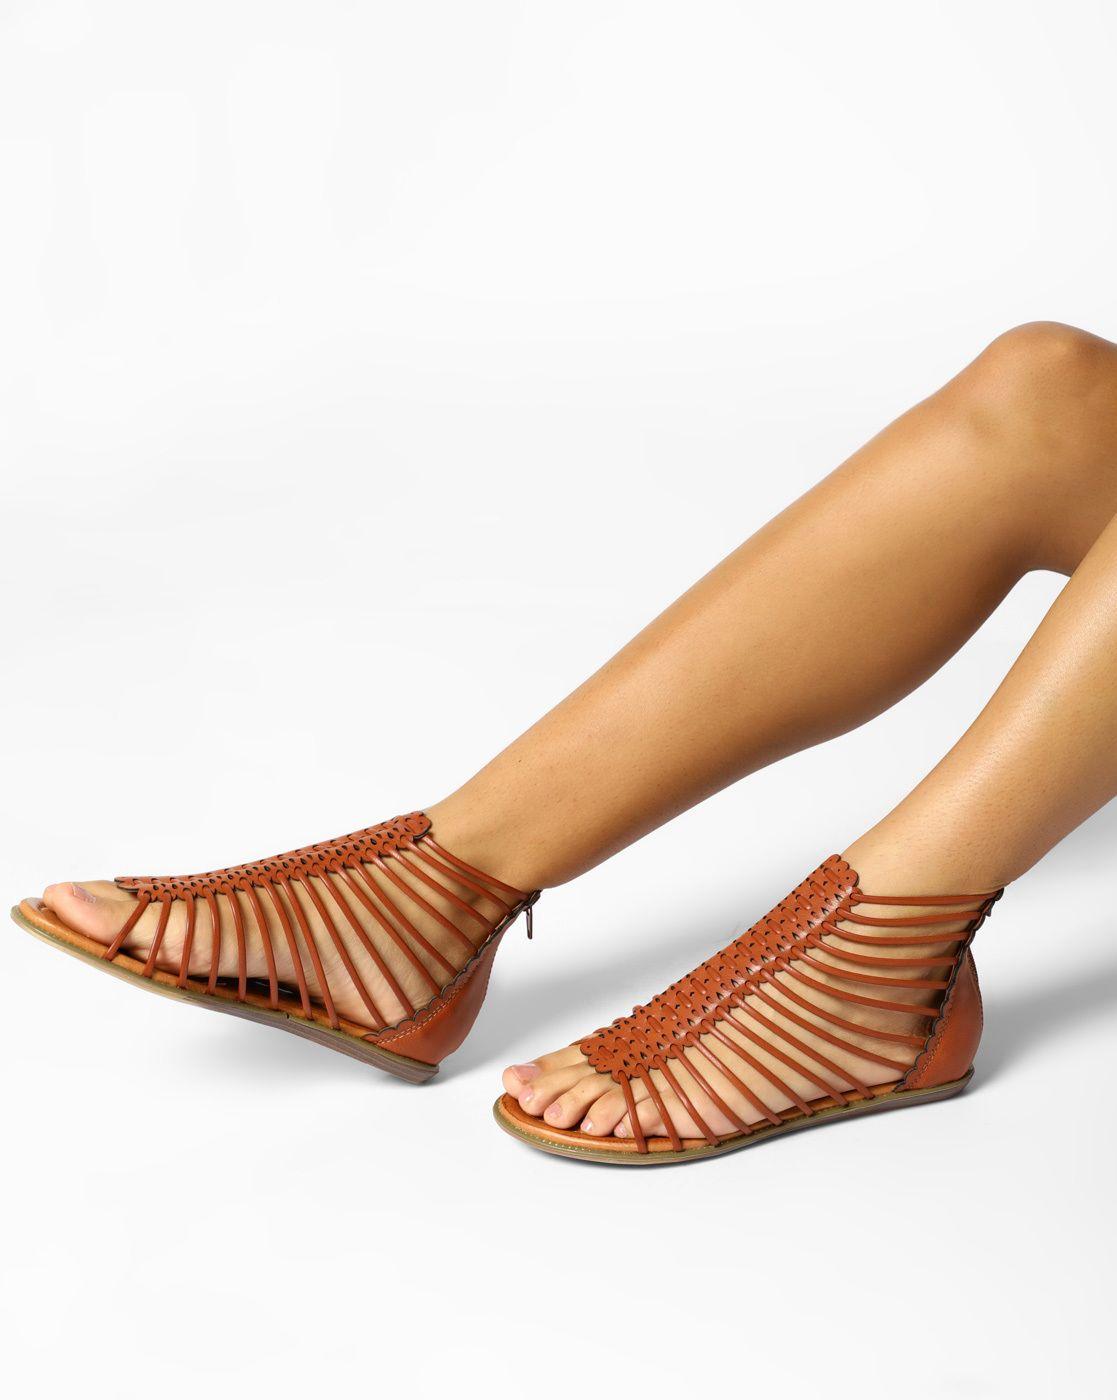 Carlton London Brown Rubber Gladiator Flat Sandals Brown Rubber Gladiator Flats Flat Gladiator Sandals Sandal Online Flat Sandals